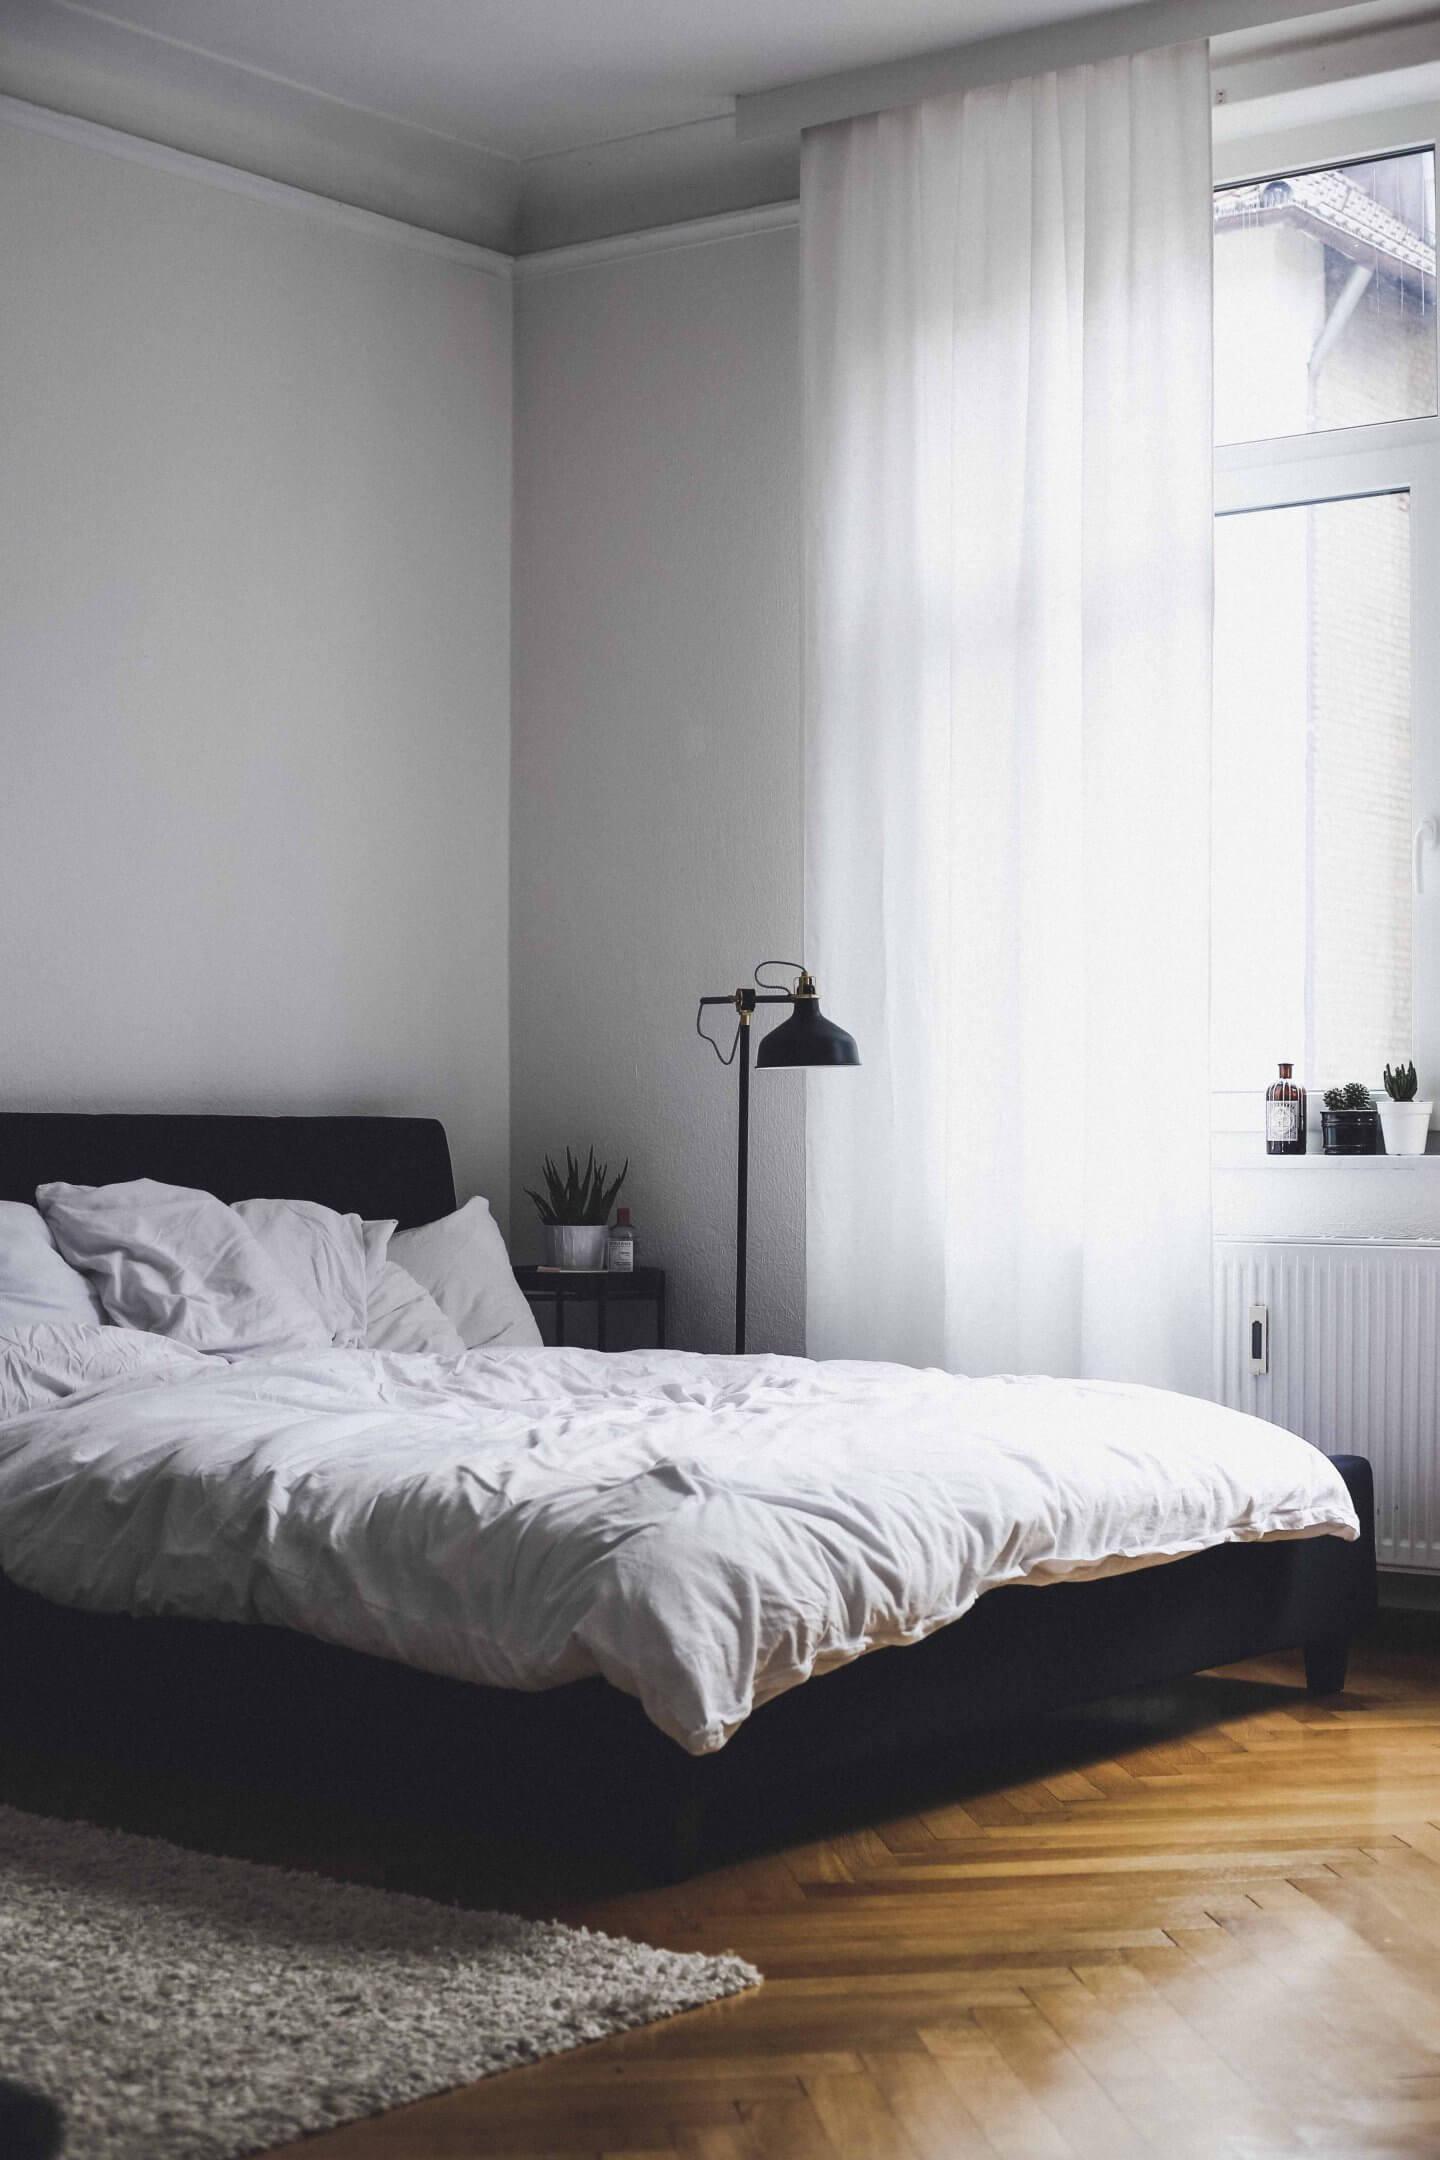 Interior | Schlafzimmer & Bett // doandlive.de Lifestyleblog aus ...